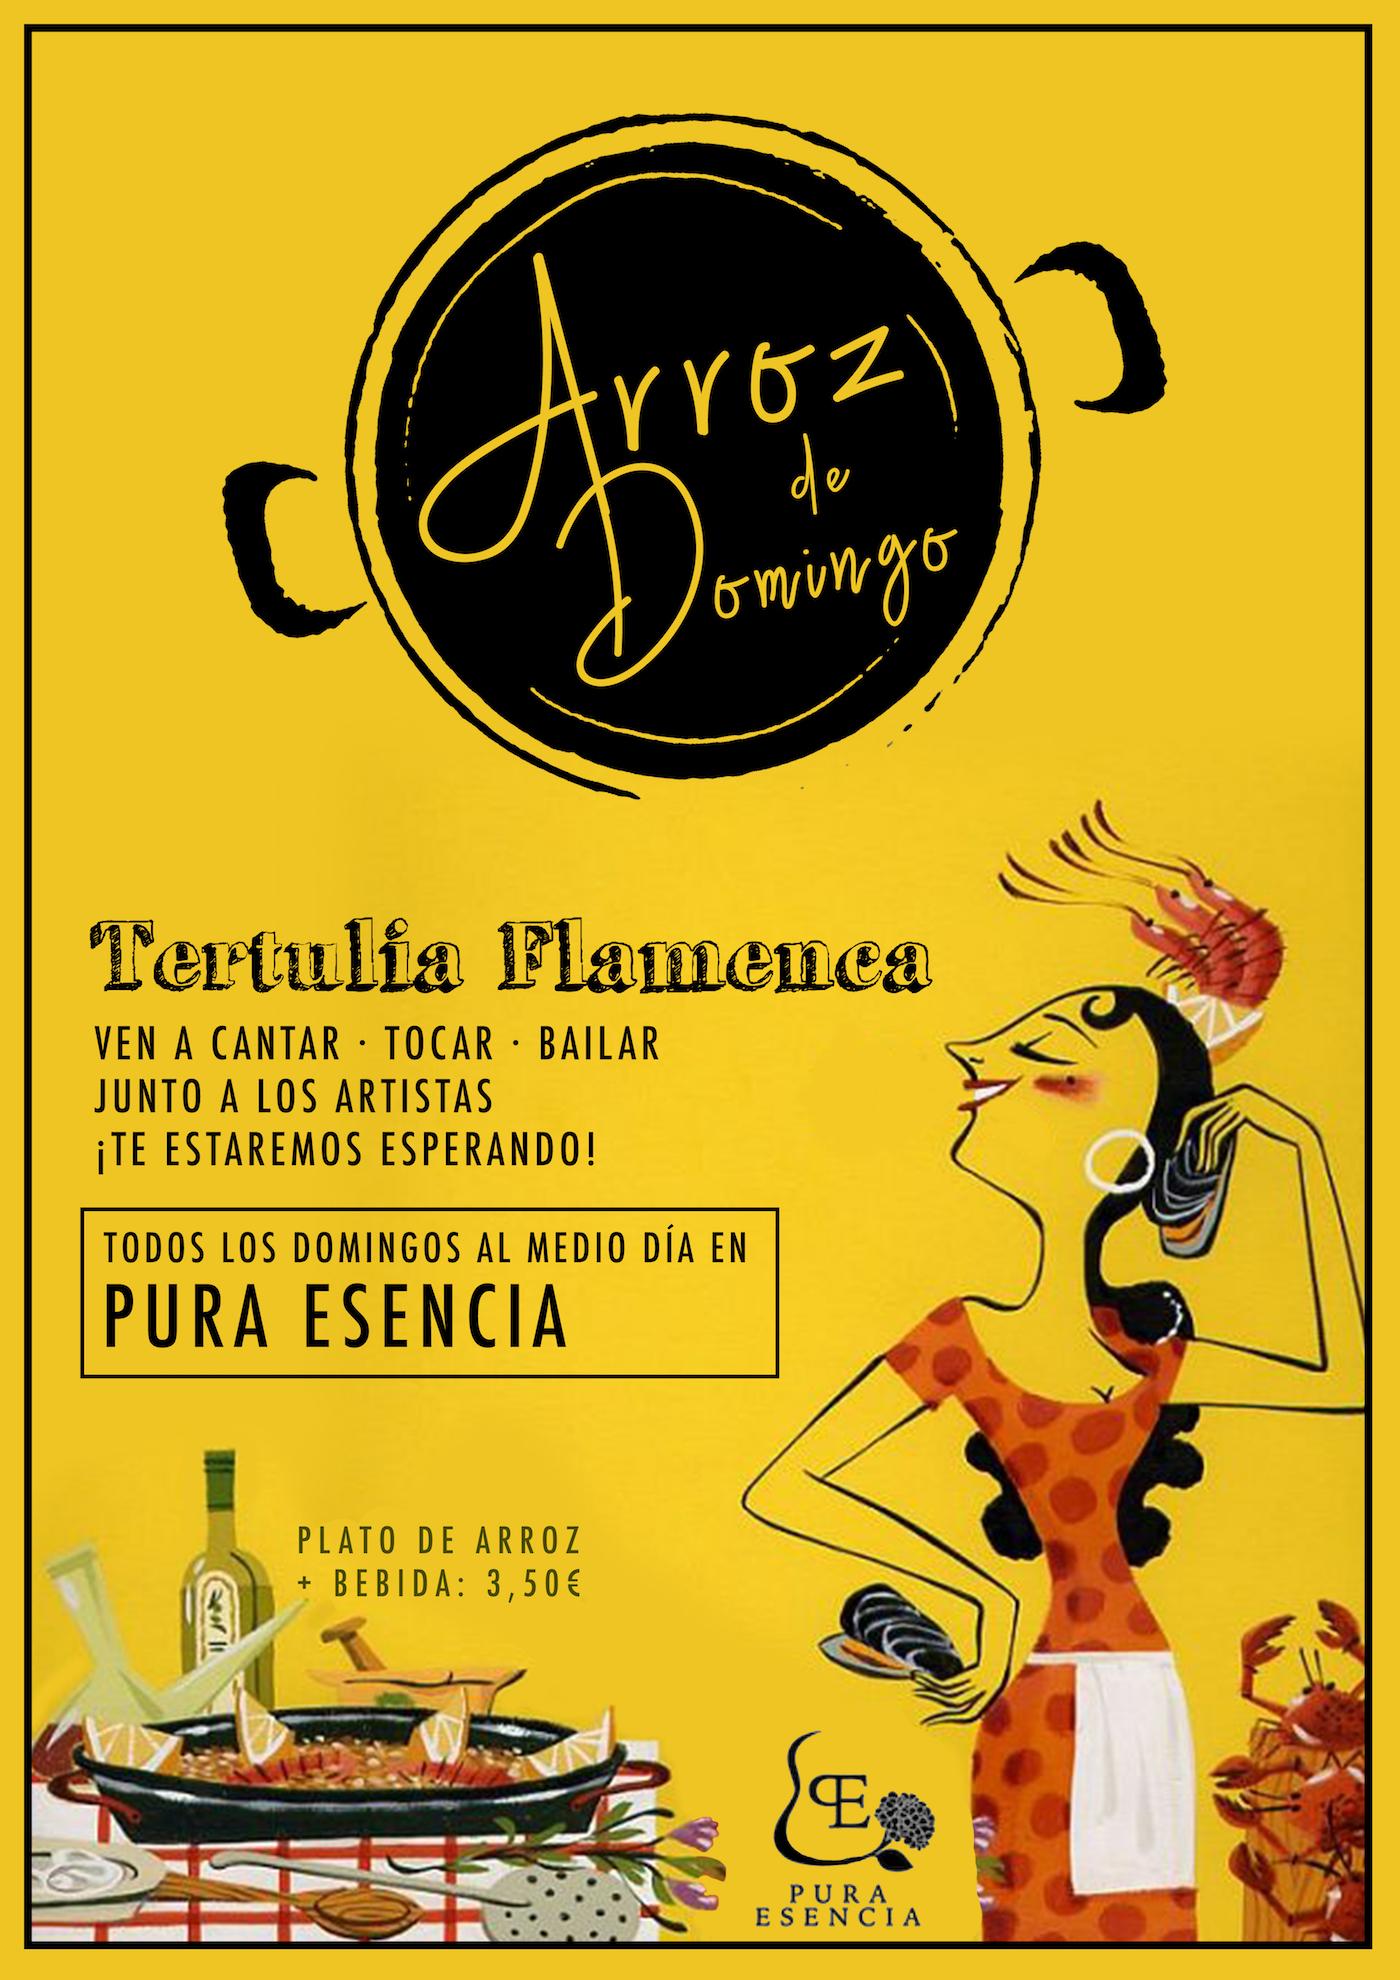 los domingos flamenco y paella en Sevilla en Tablao Flamenco Pura Esencia Sevilla